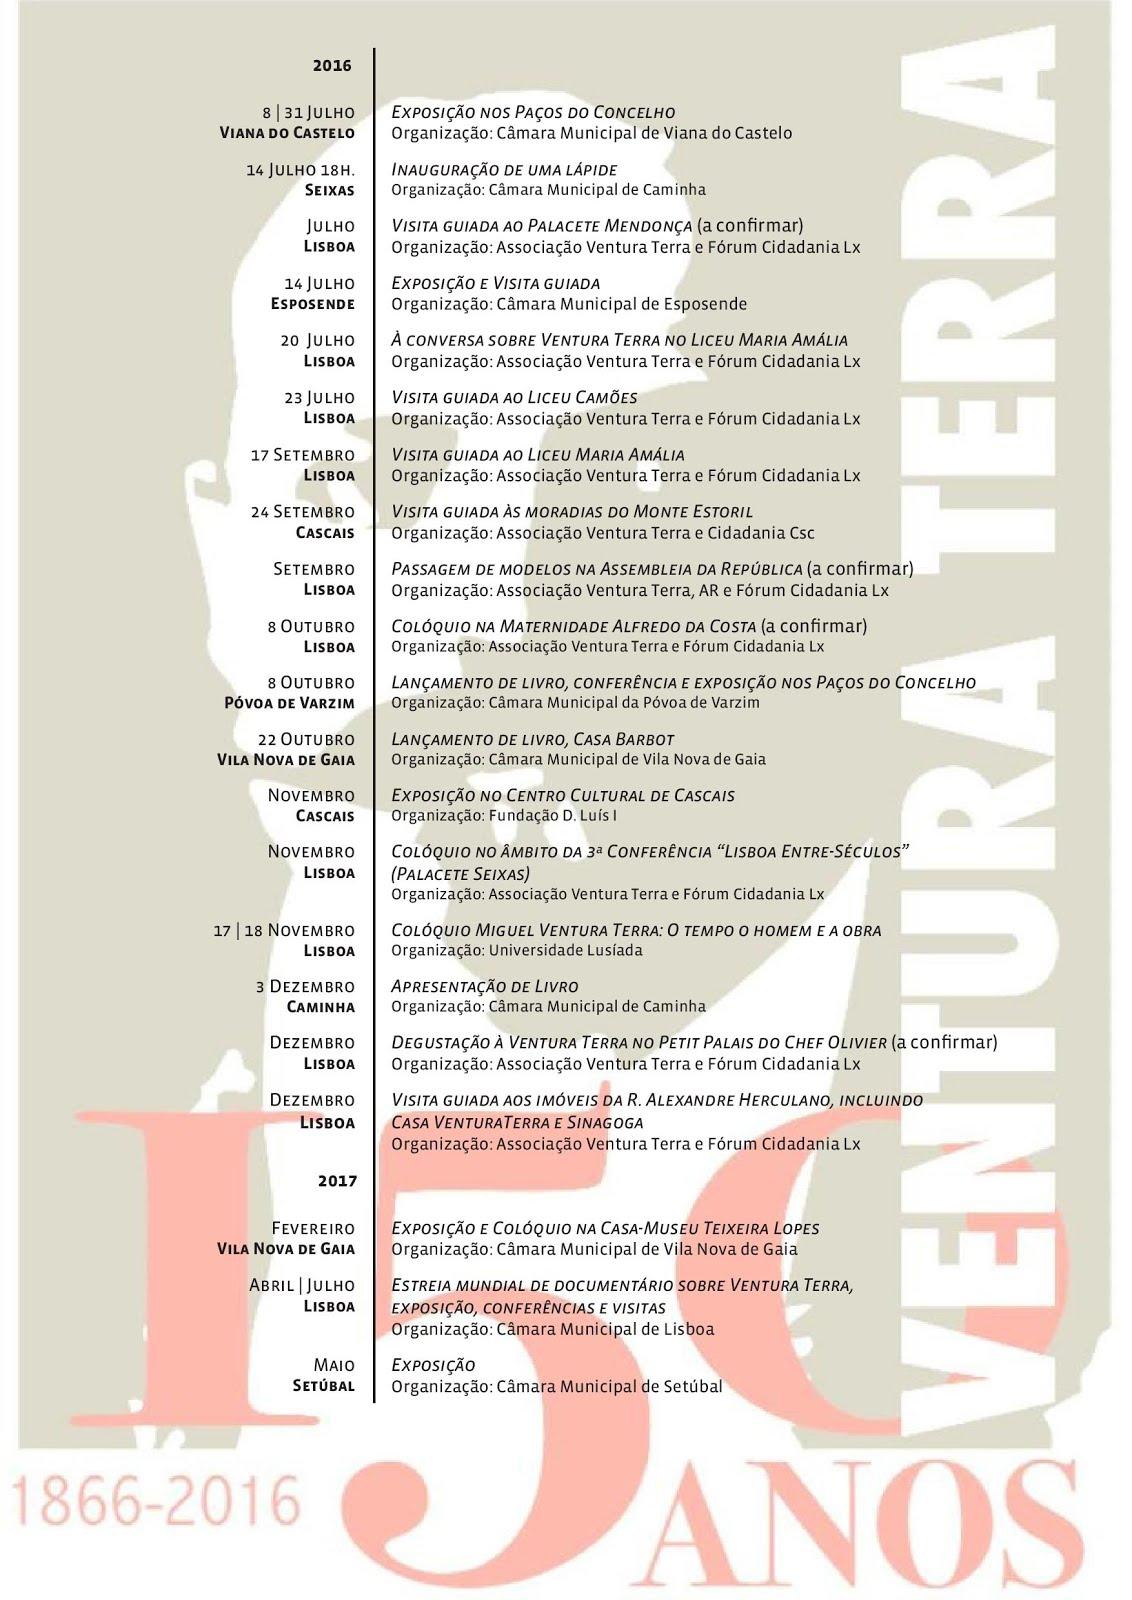 Programa das Comemorações do Sesquicentenário de Ventura Terra: